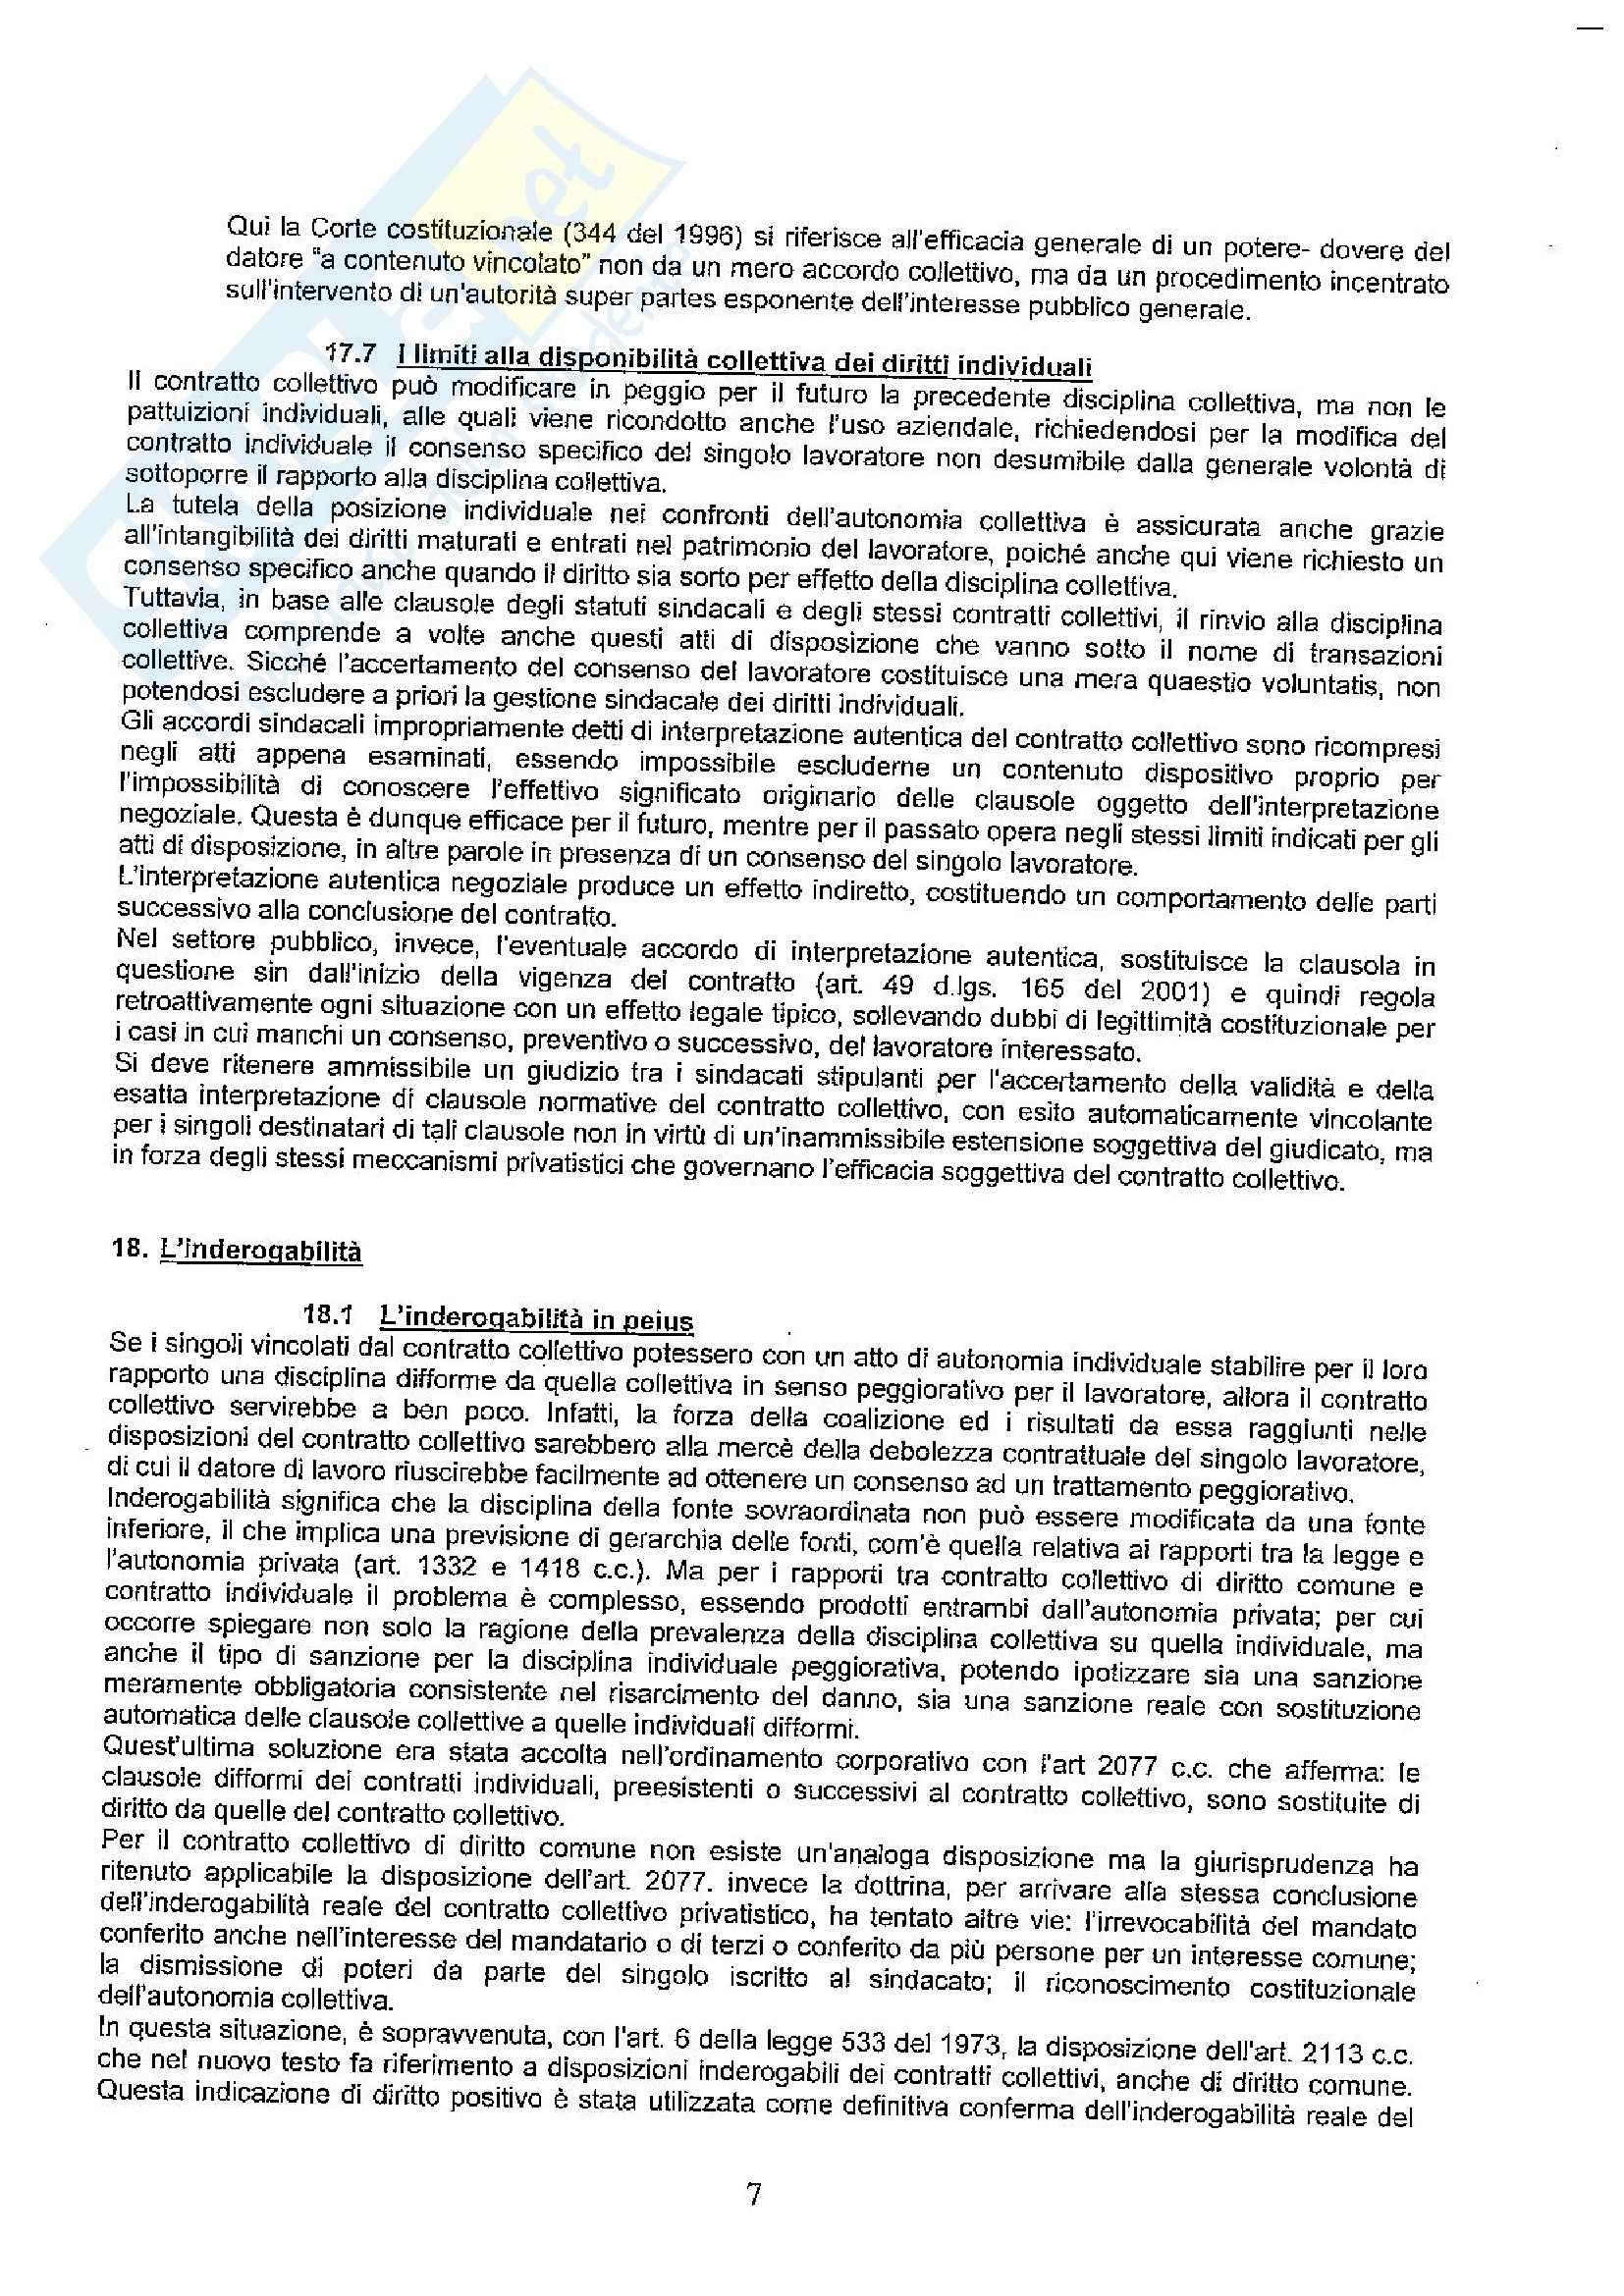 Contratto collettivo - Aspetti giuridici